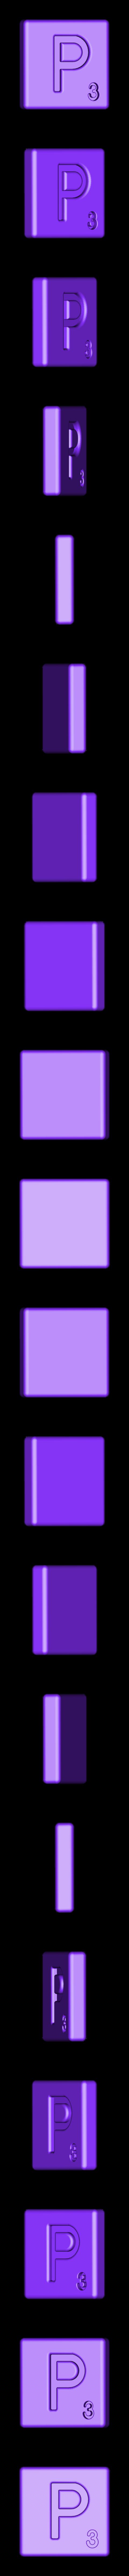 Single_Cut_P.STL Télécharger fichier STL gratuit Pièces et support SCRABBBLE • Design pour imprimante 3D, Balkhagal4D